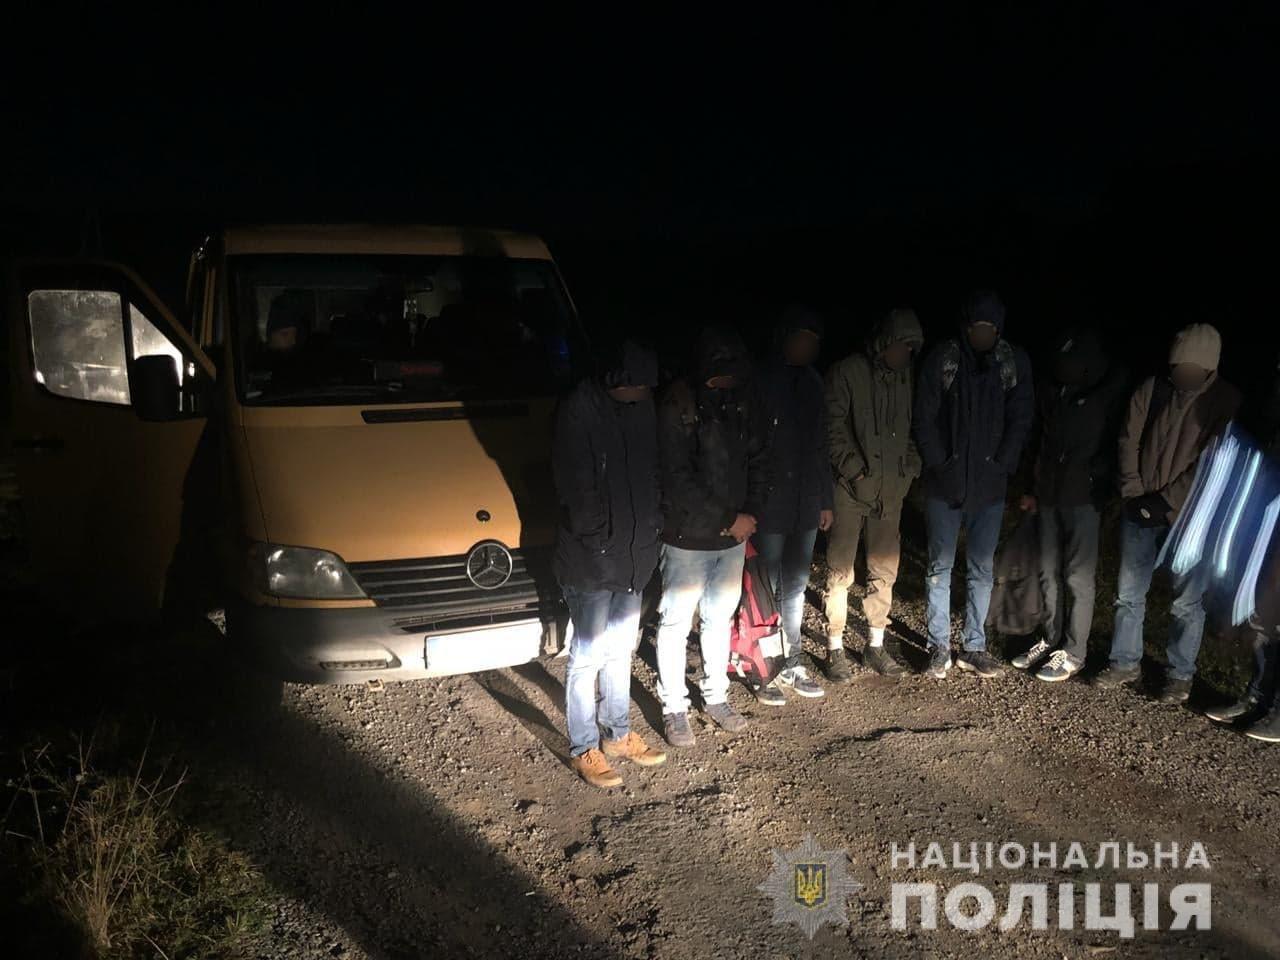 Вісім нелегалів зловили закарпатські правоохоронці неподалік Ужгорода (ФОТО), фото-2